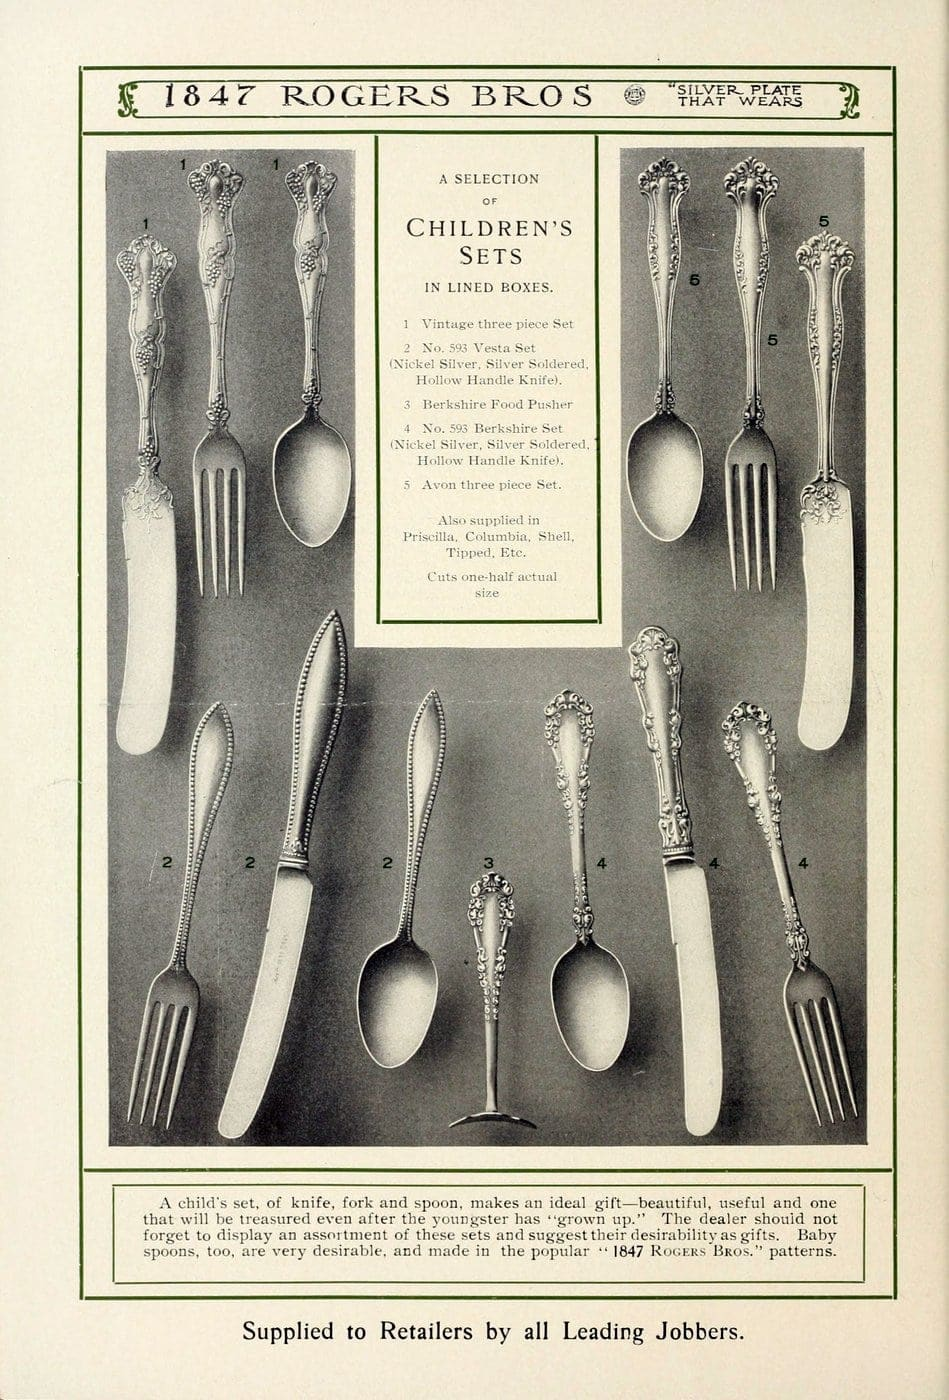 1847 Rogers Bros silver pieces (21)